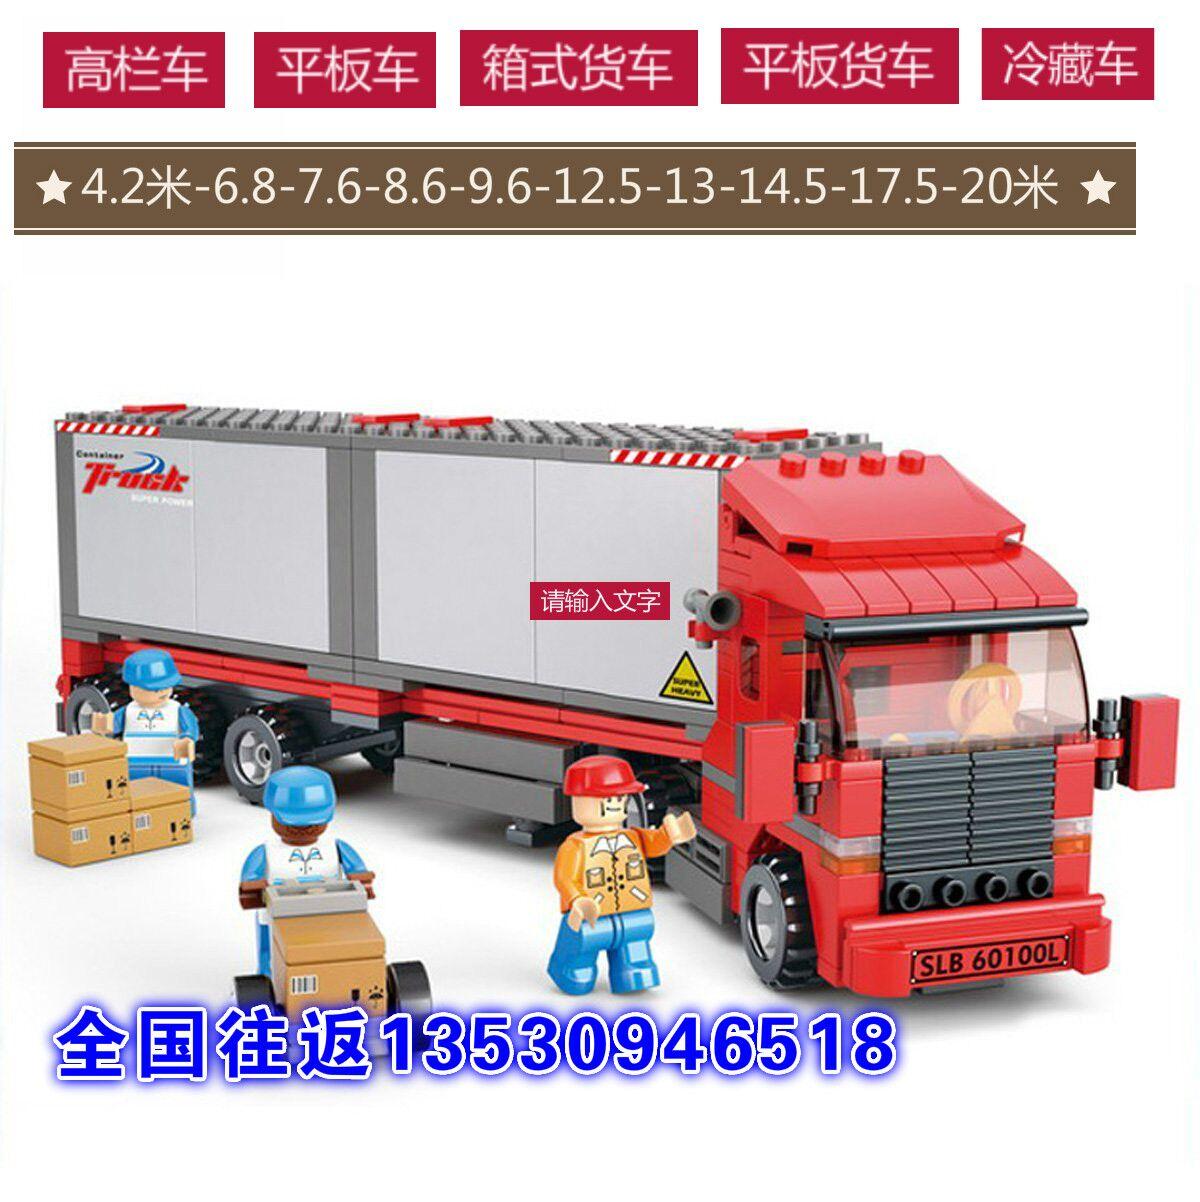 求购深圳龙岗到武汉6.8米9.6米货车出租多少钱